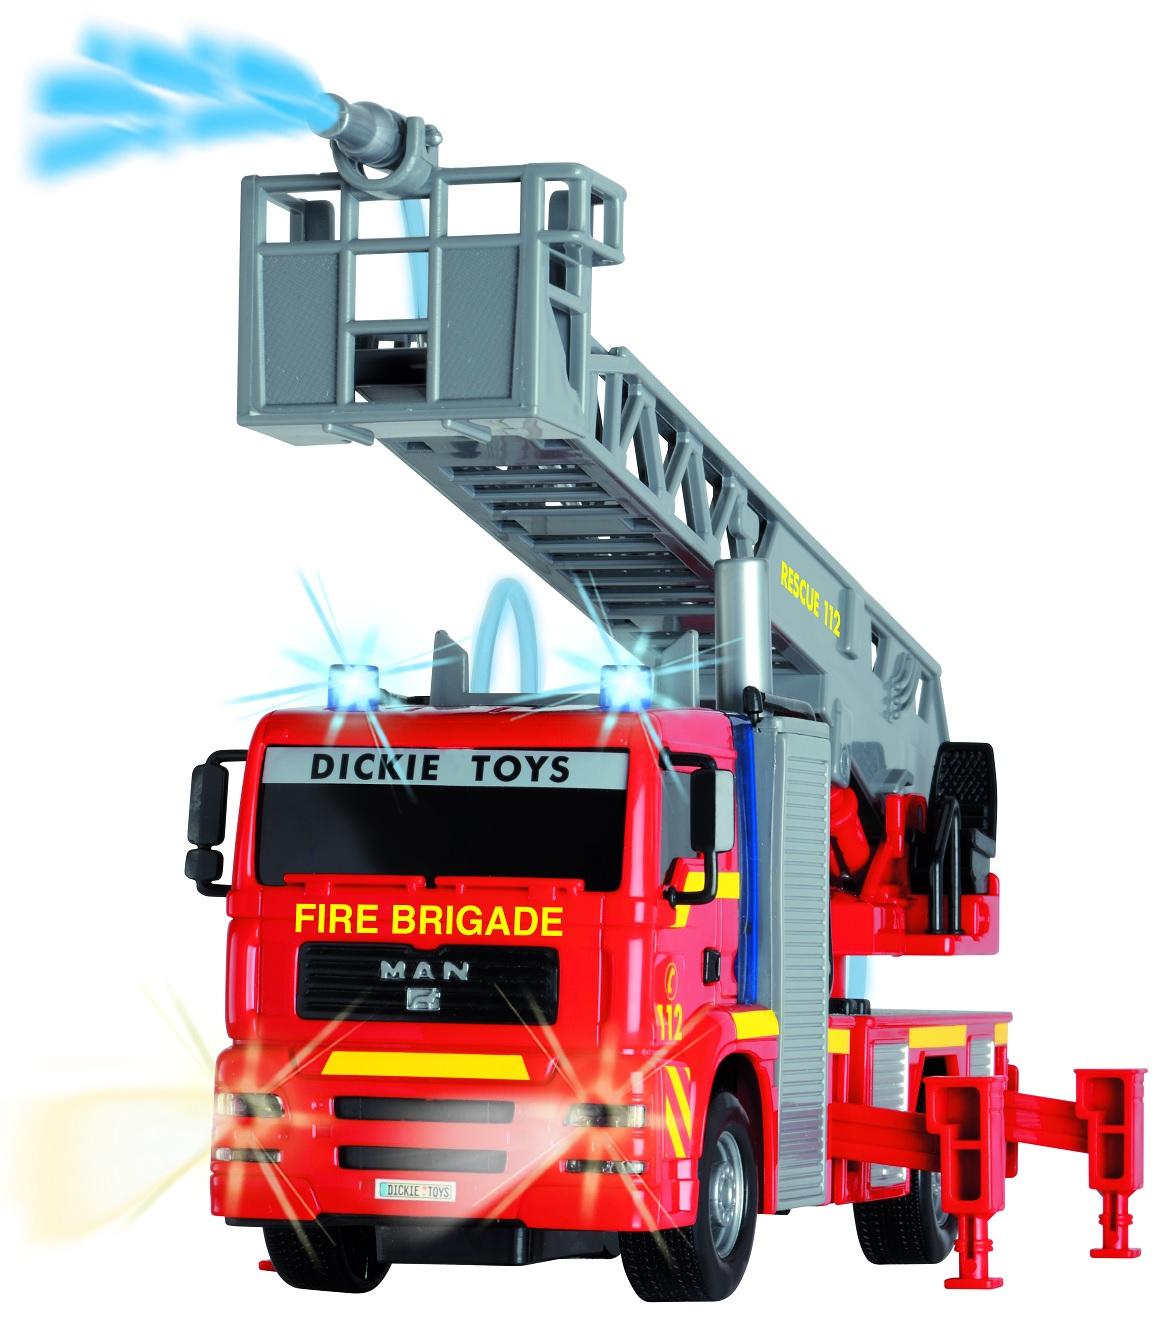 City Fire Engine пожарная машина, свет + звук, брызгает водой, 31 см.Пожарная техника, машины<br>City Fire Engine пожарная машина, свет + звук, брызгает водой, 31 см.<br>